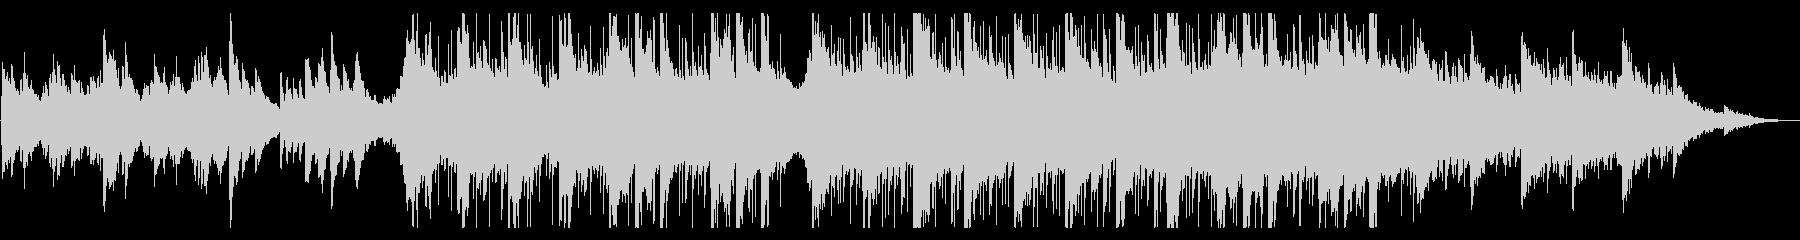 ピアノがキラキラ綺麗なBGM11の未再生の波形